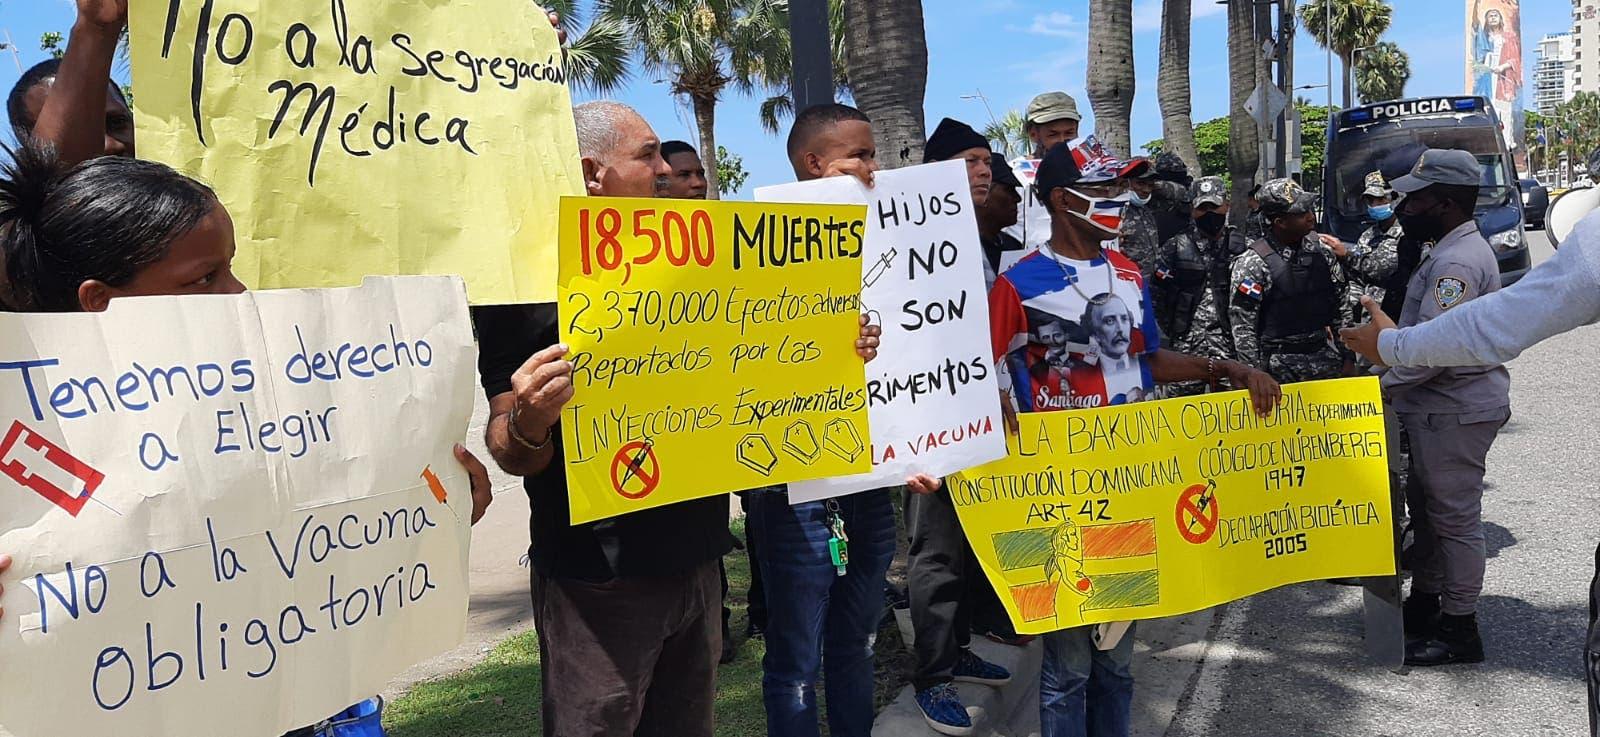 Grupo de personas se manifiestan en el Malecón contra vacunación obligatoria